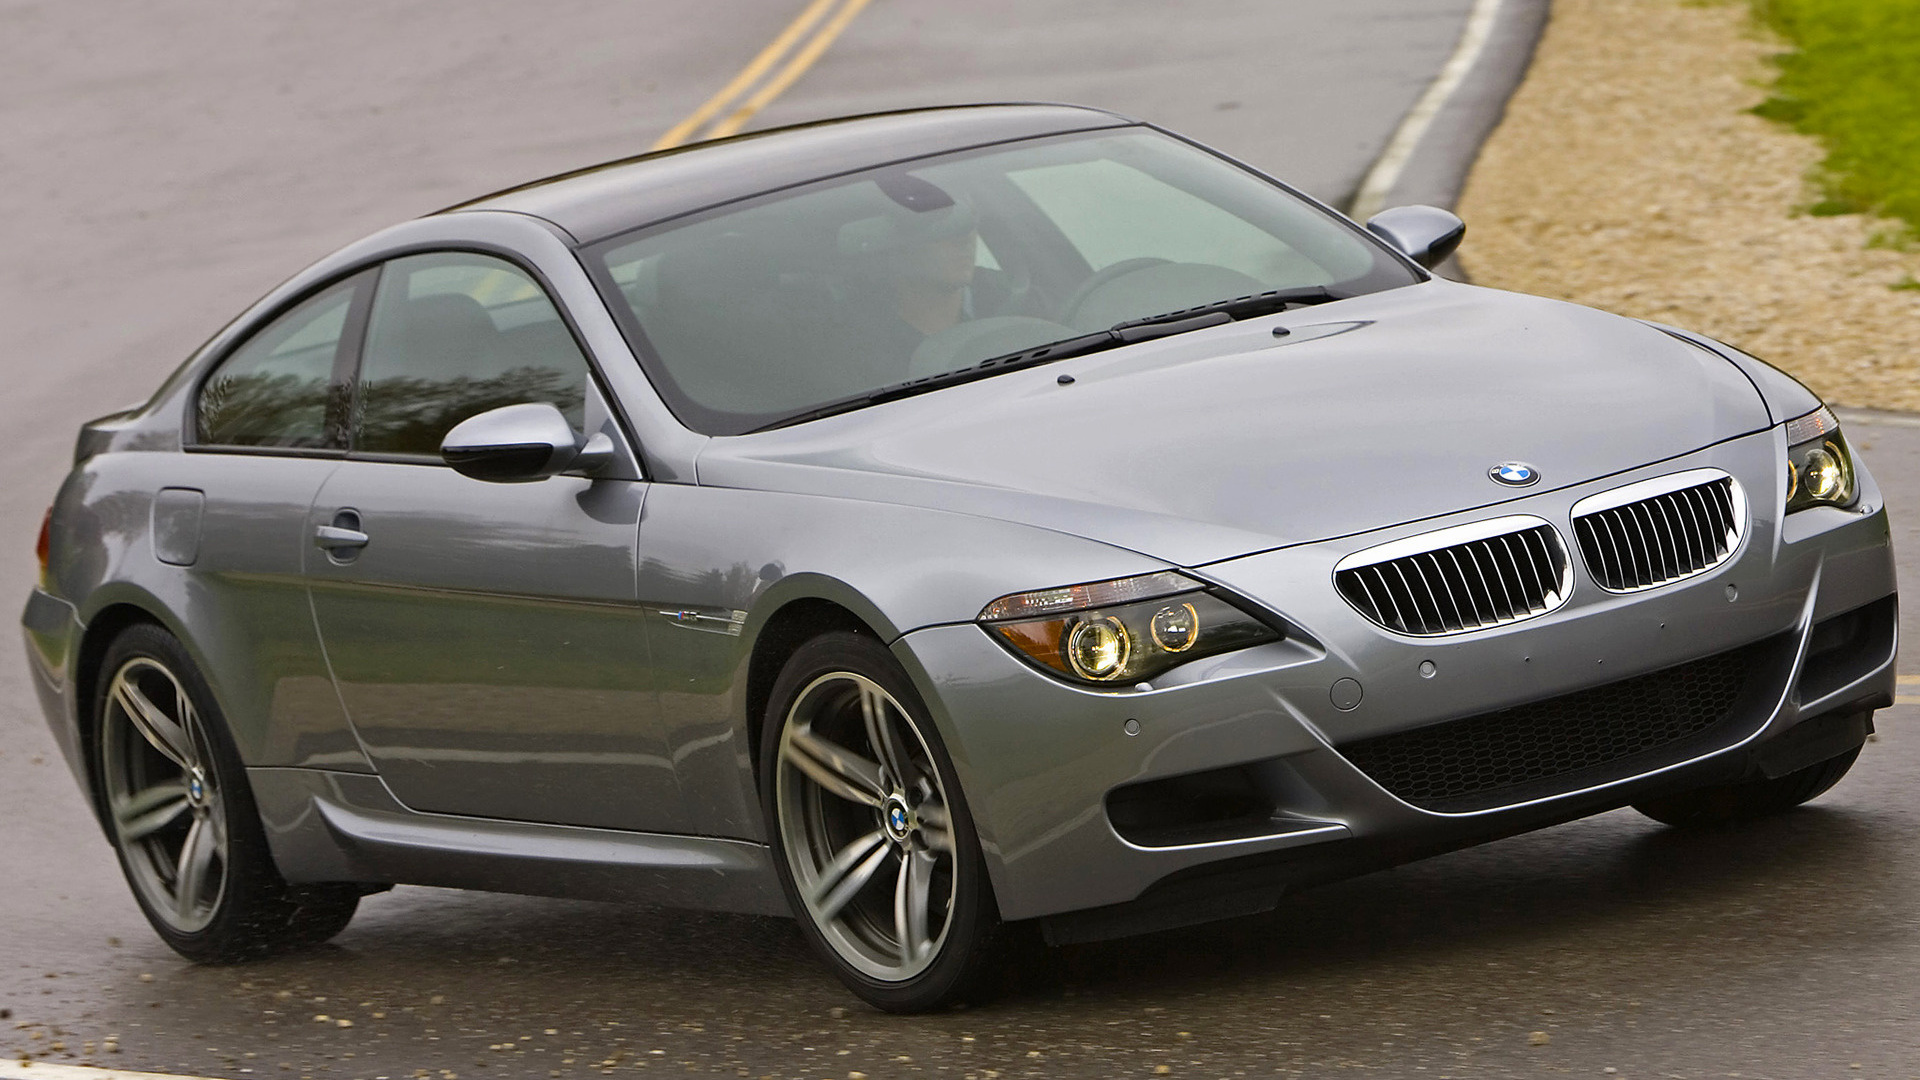 2006 Bmw M6 Coupe Us Papeis De Parede E Imagens De Fundo Em Hd Car Pixel